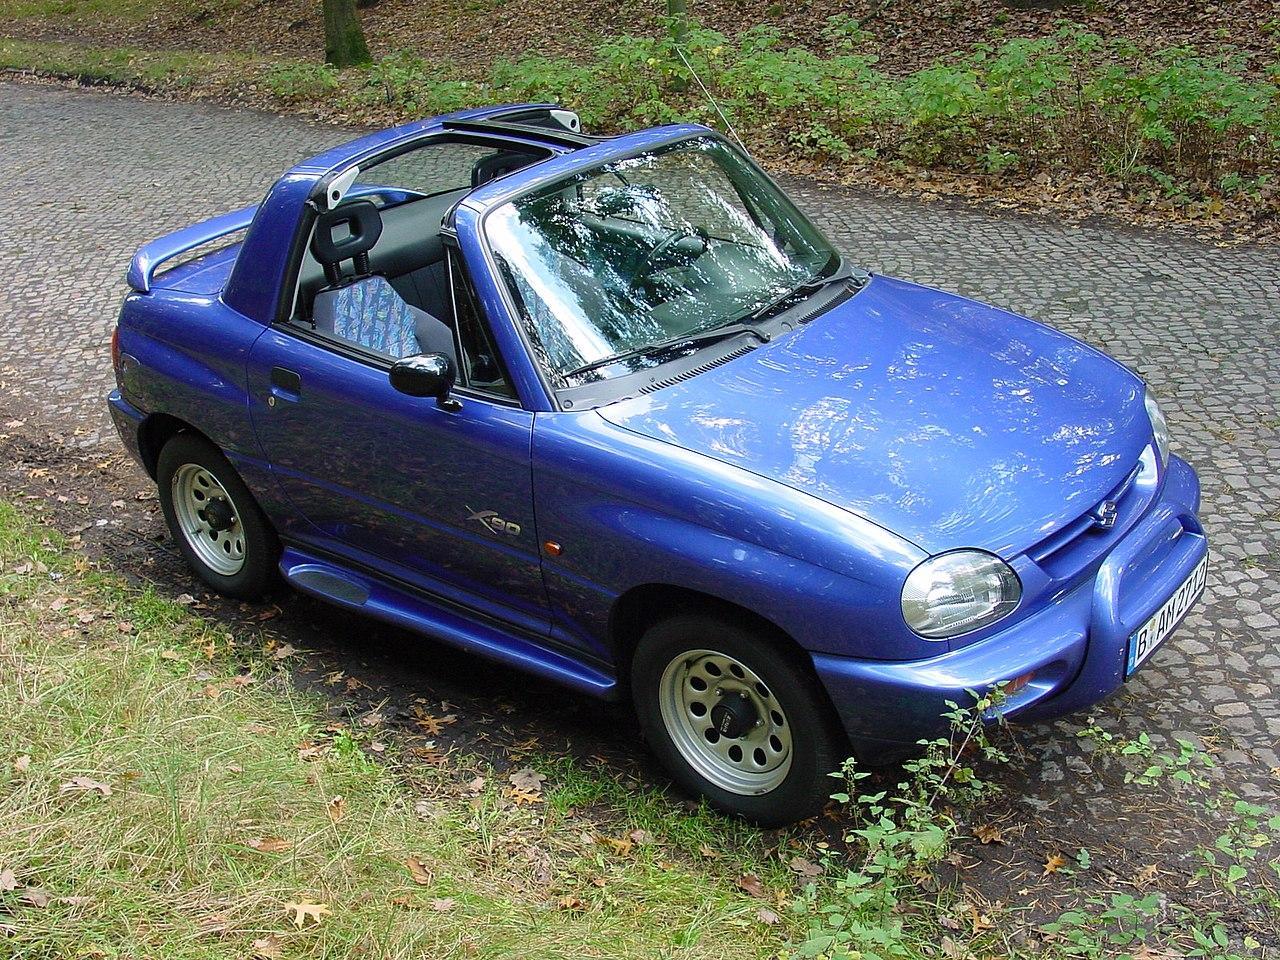 Suzuki X-90. Looks like a toy car.